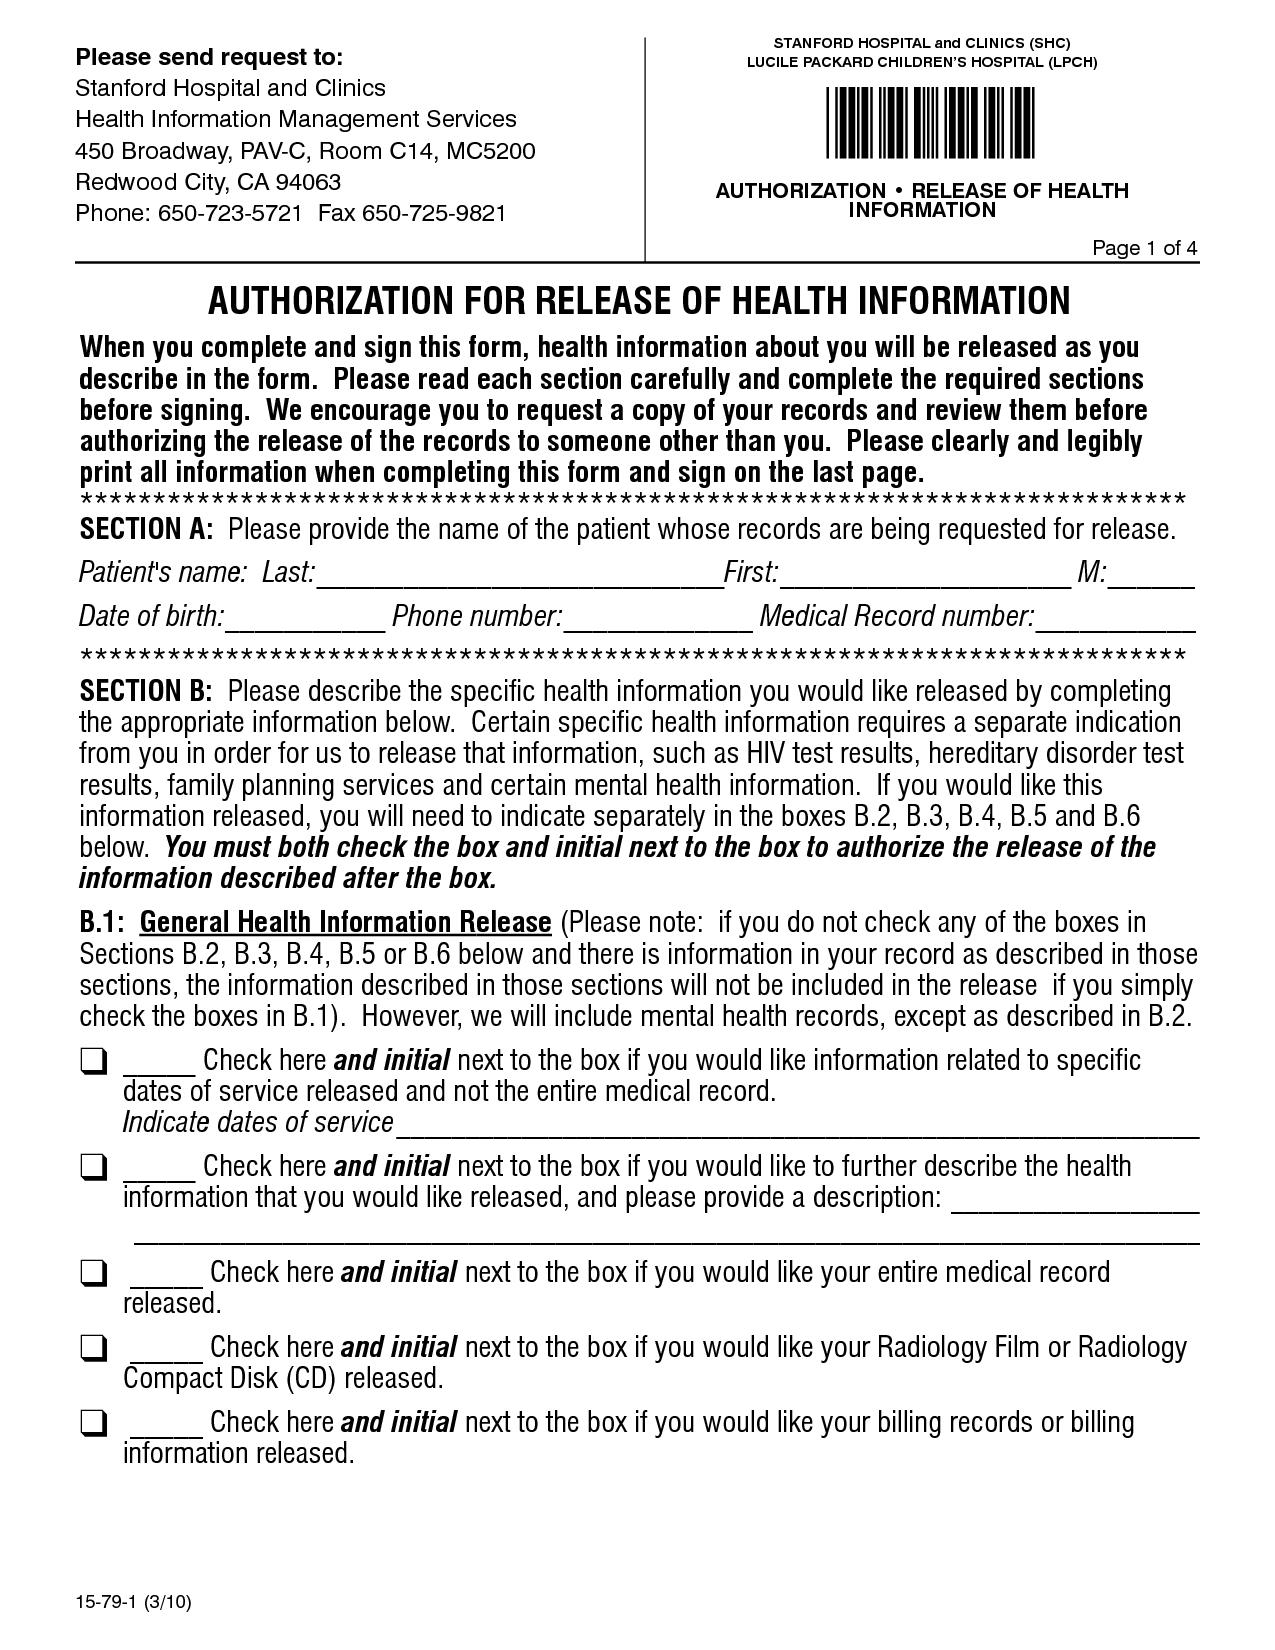 Hospital Release Form Pdf Stanford Hospital Health